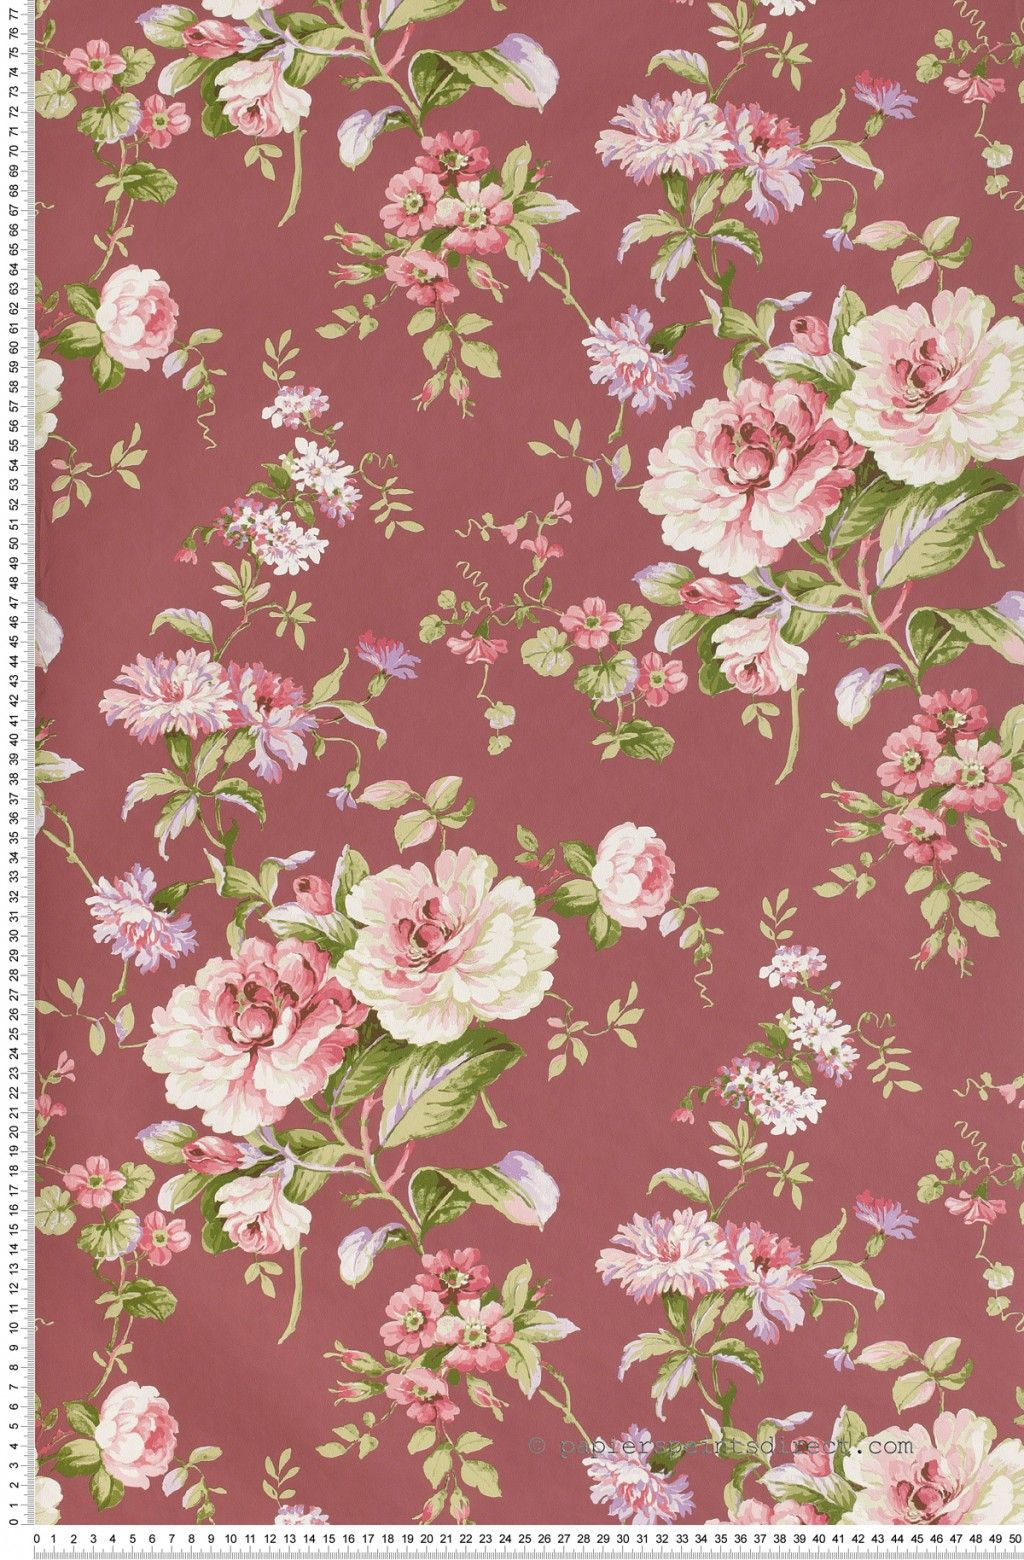 papier peint fleurs classiques rose fond amarant papier peint lut ce papier peint chambre. Black Bedroom Furniture Sets. Home Design Ideas